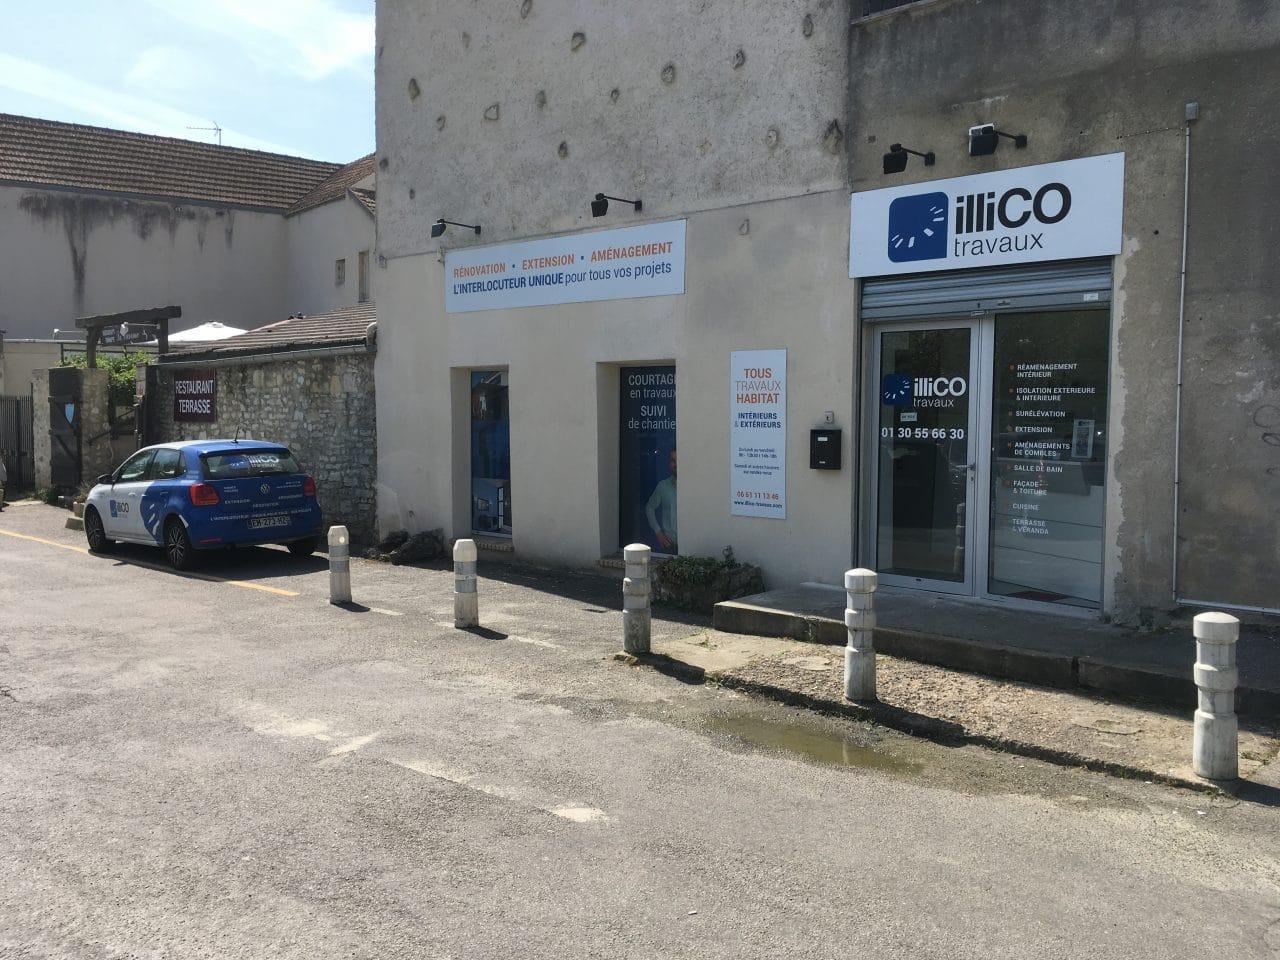 Agence Saint Quentin-en-Yvelines – Versailles : agence exterieur + voiture